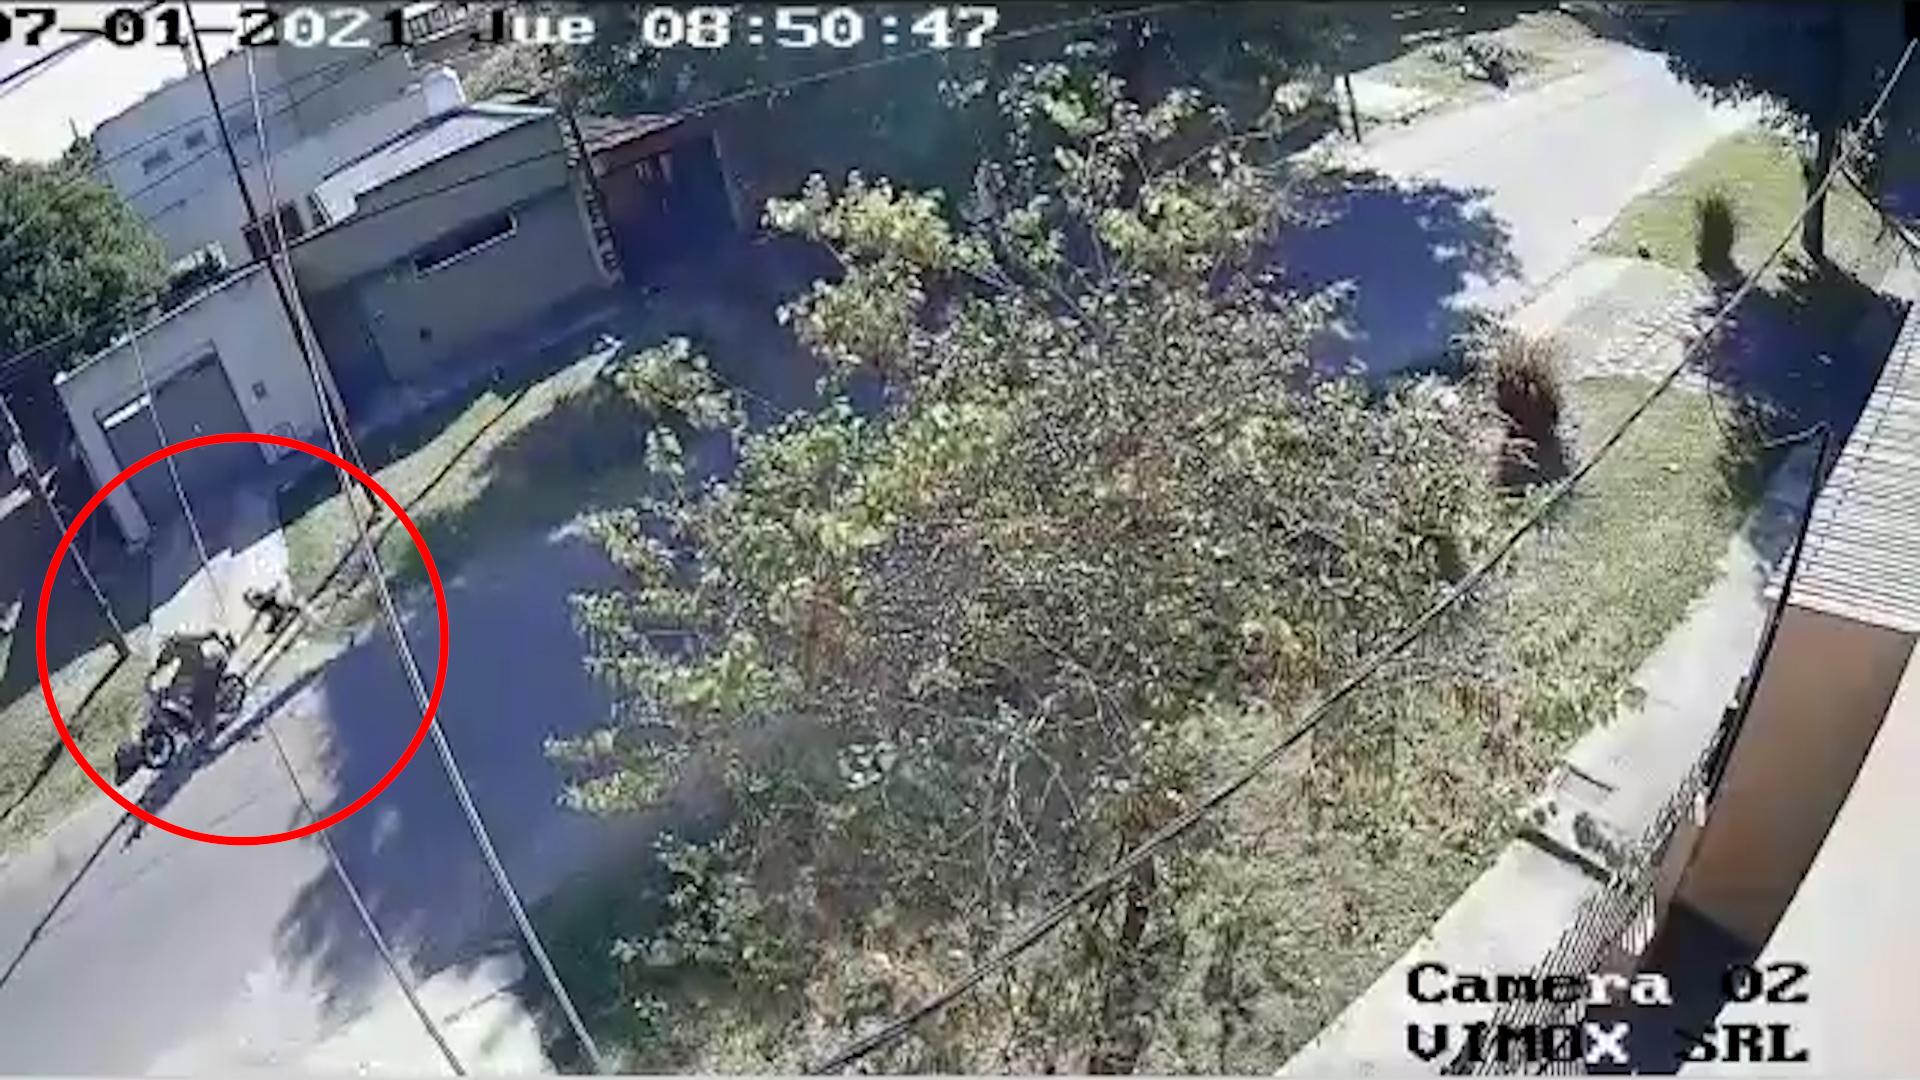 """VIDEO: Un """"motochorro"""" arrastró a una jubilada por la calle en La Plata para robarle la cartera"""